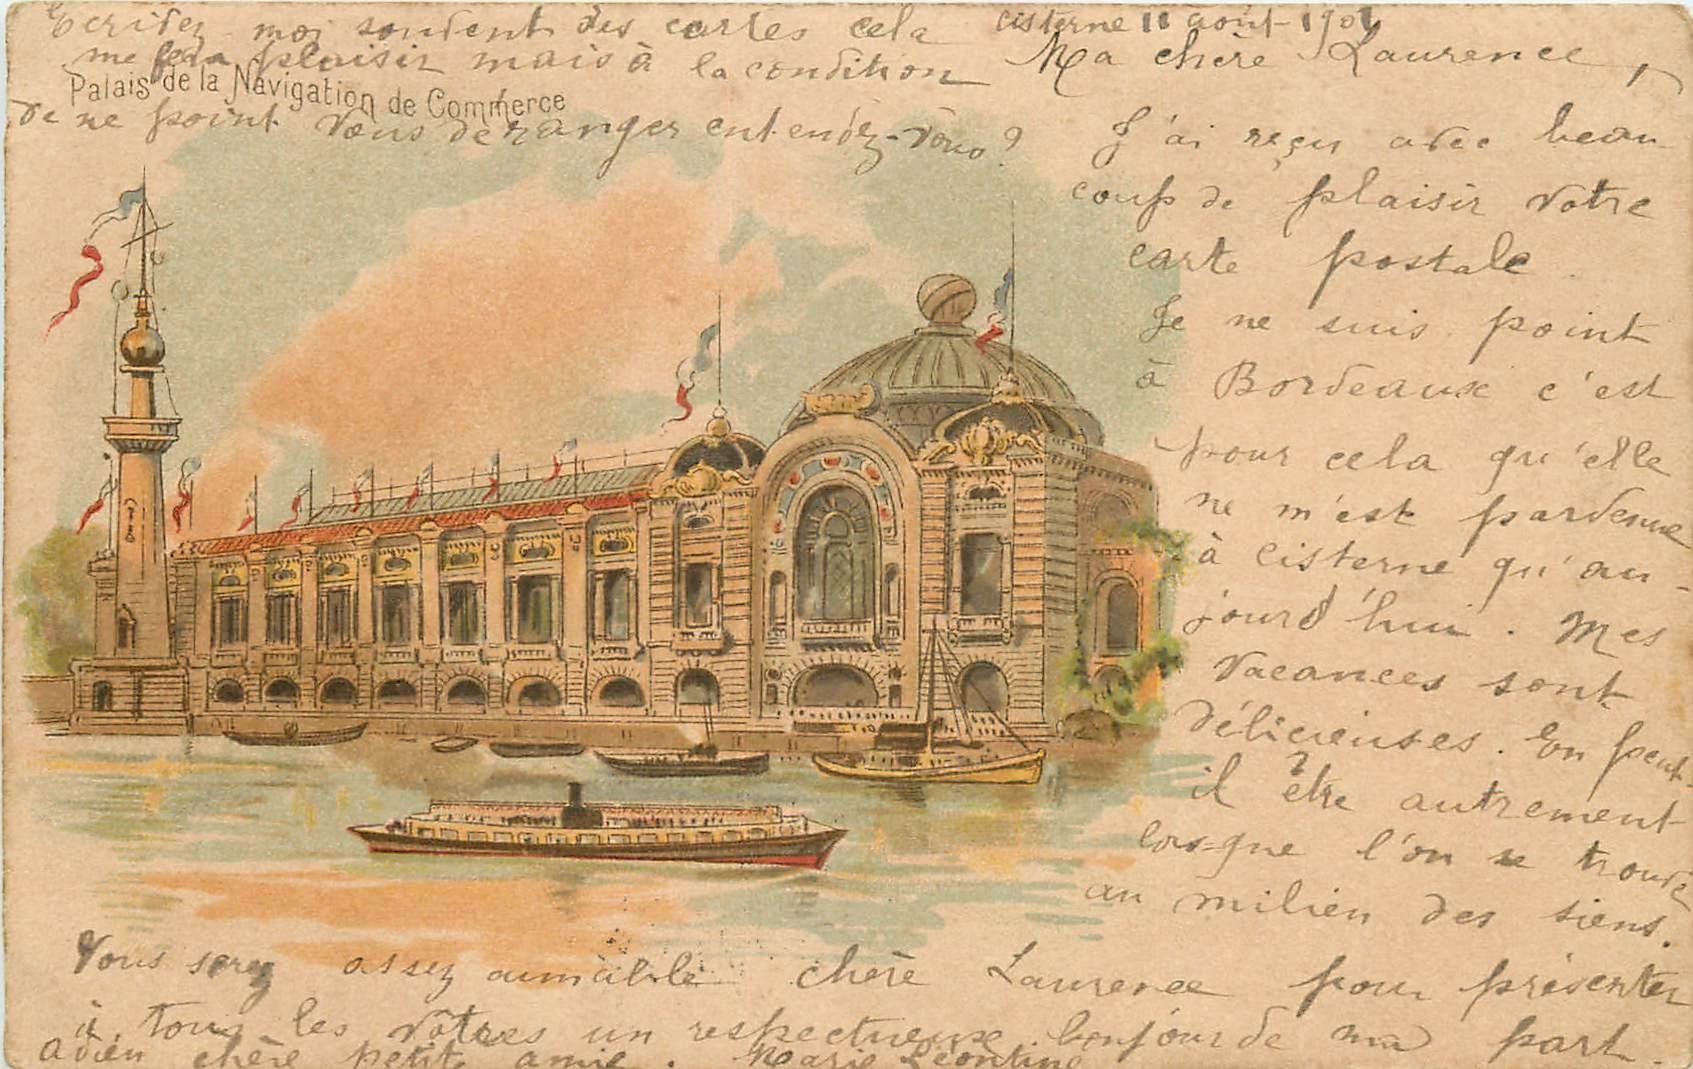 PARIS. Exposition Universelle de 1900. Palais de la Navigation de Commerce